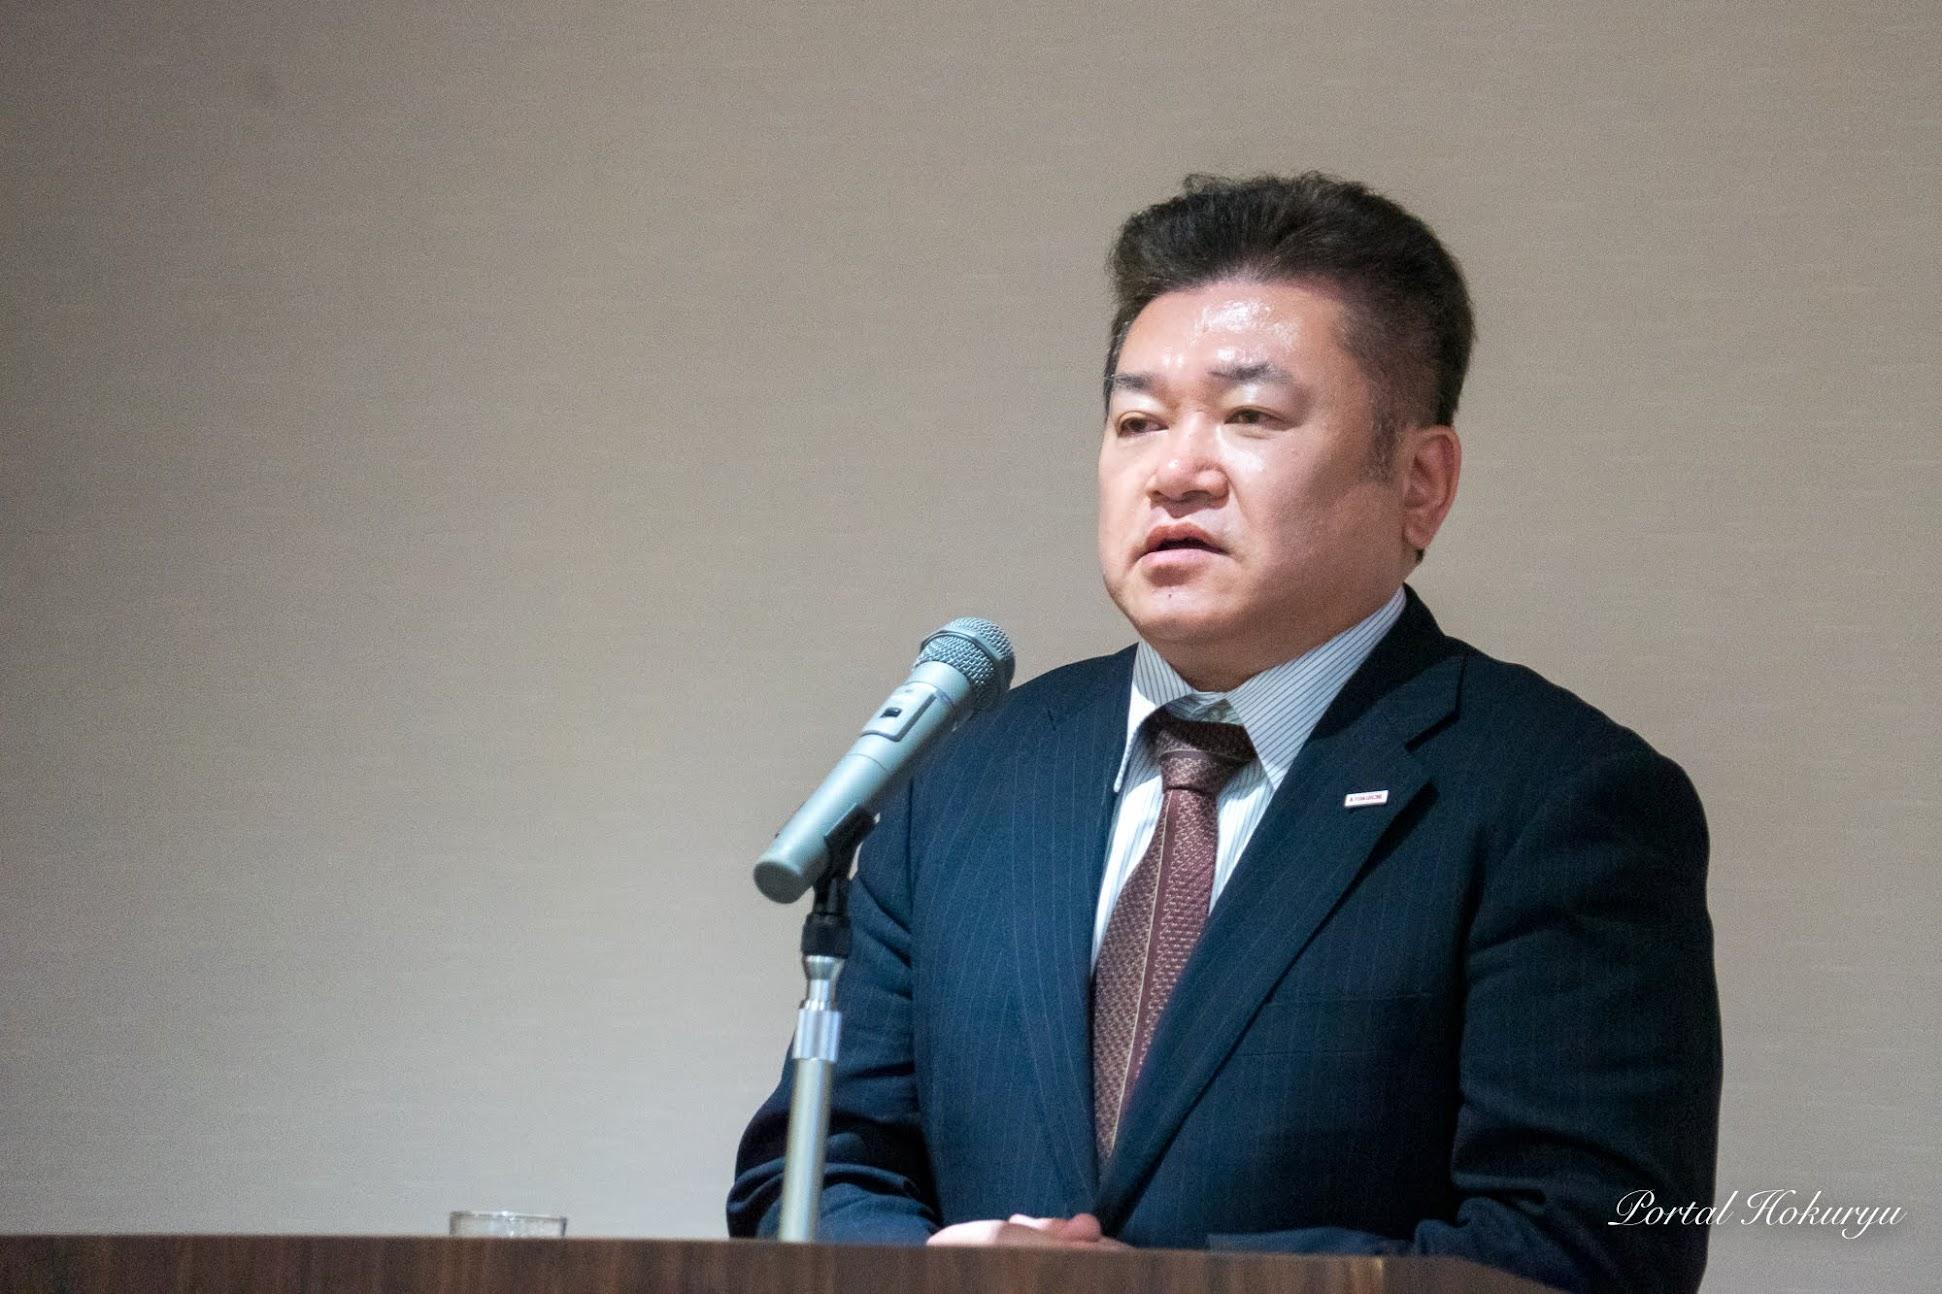 株式会社キョクイチ執行委員 岡本賢和様